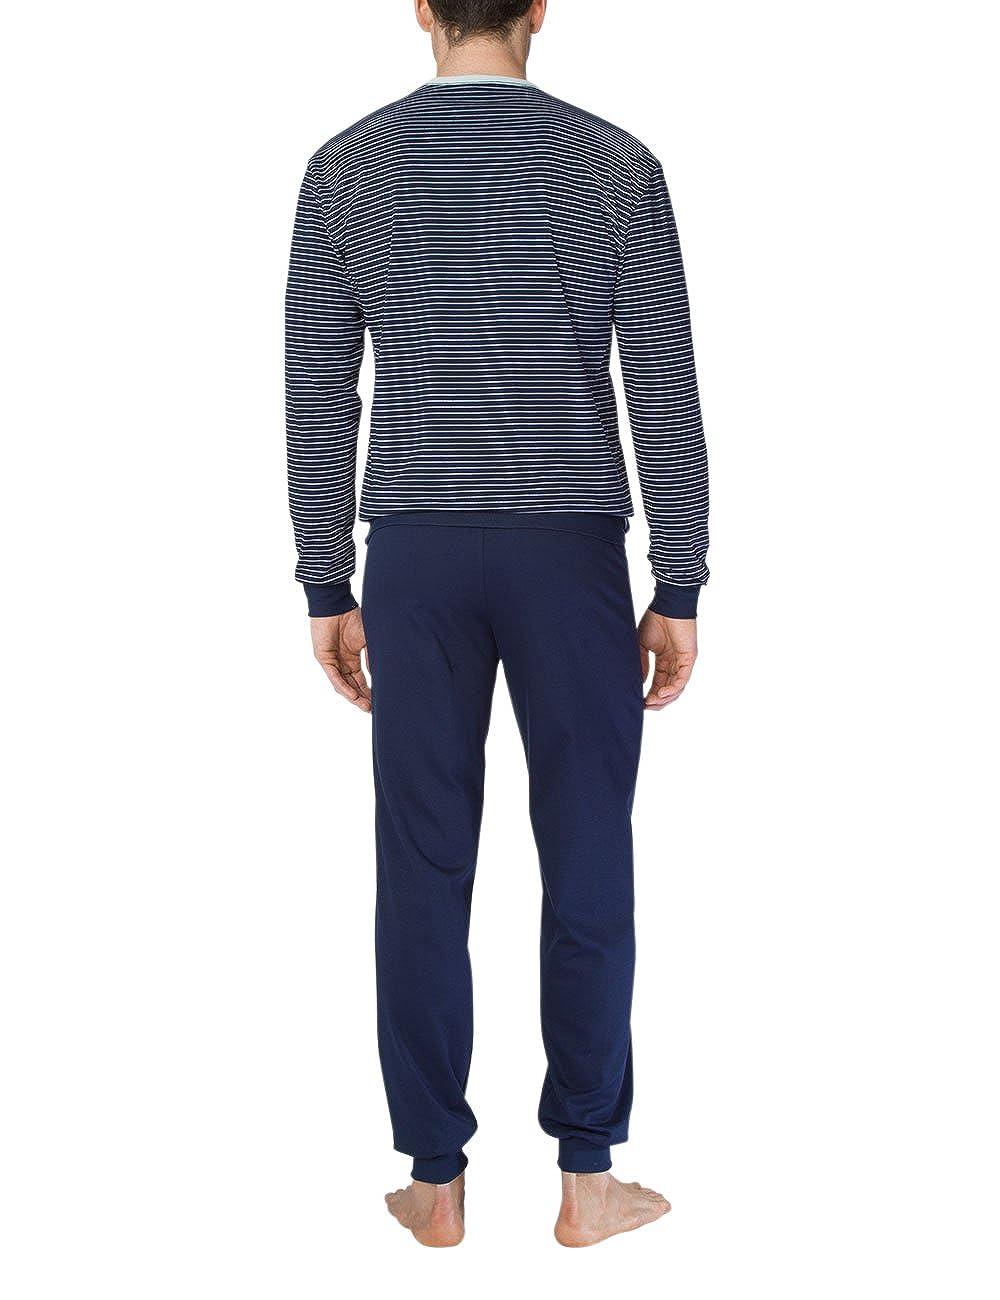 Calida Anthony Herren Pyjama Mit Bündchen, Conjuntos de Pijama para Hombre: Amazon.es: Ropa y accesorios